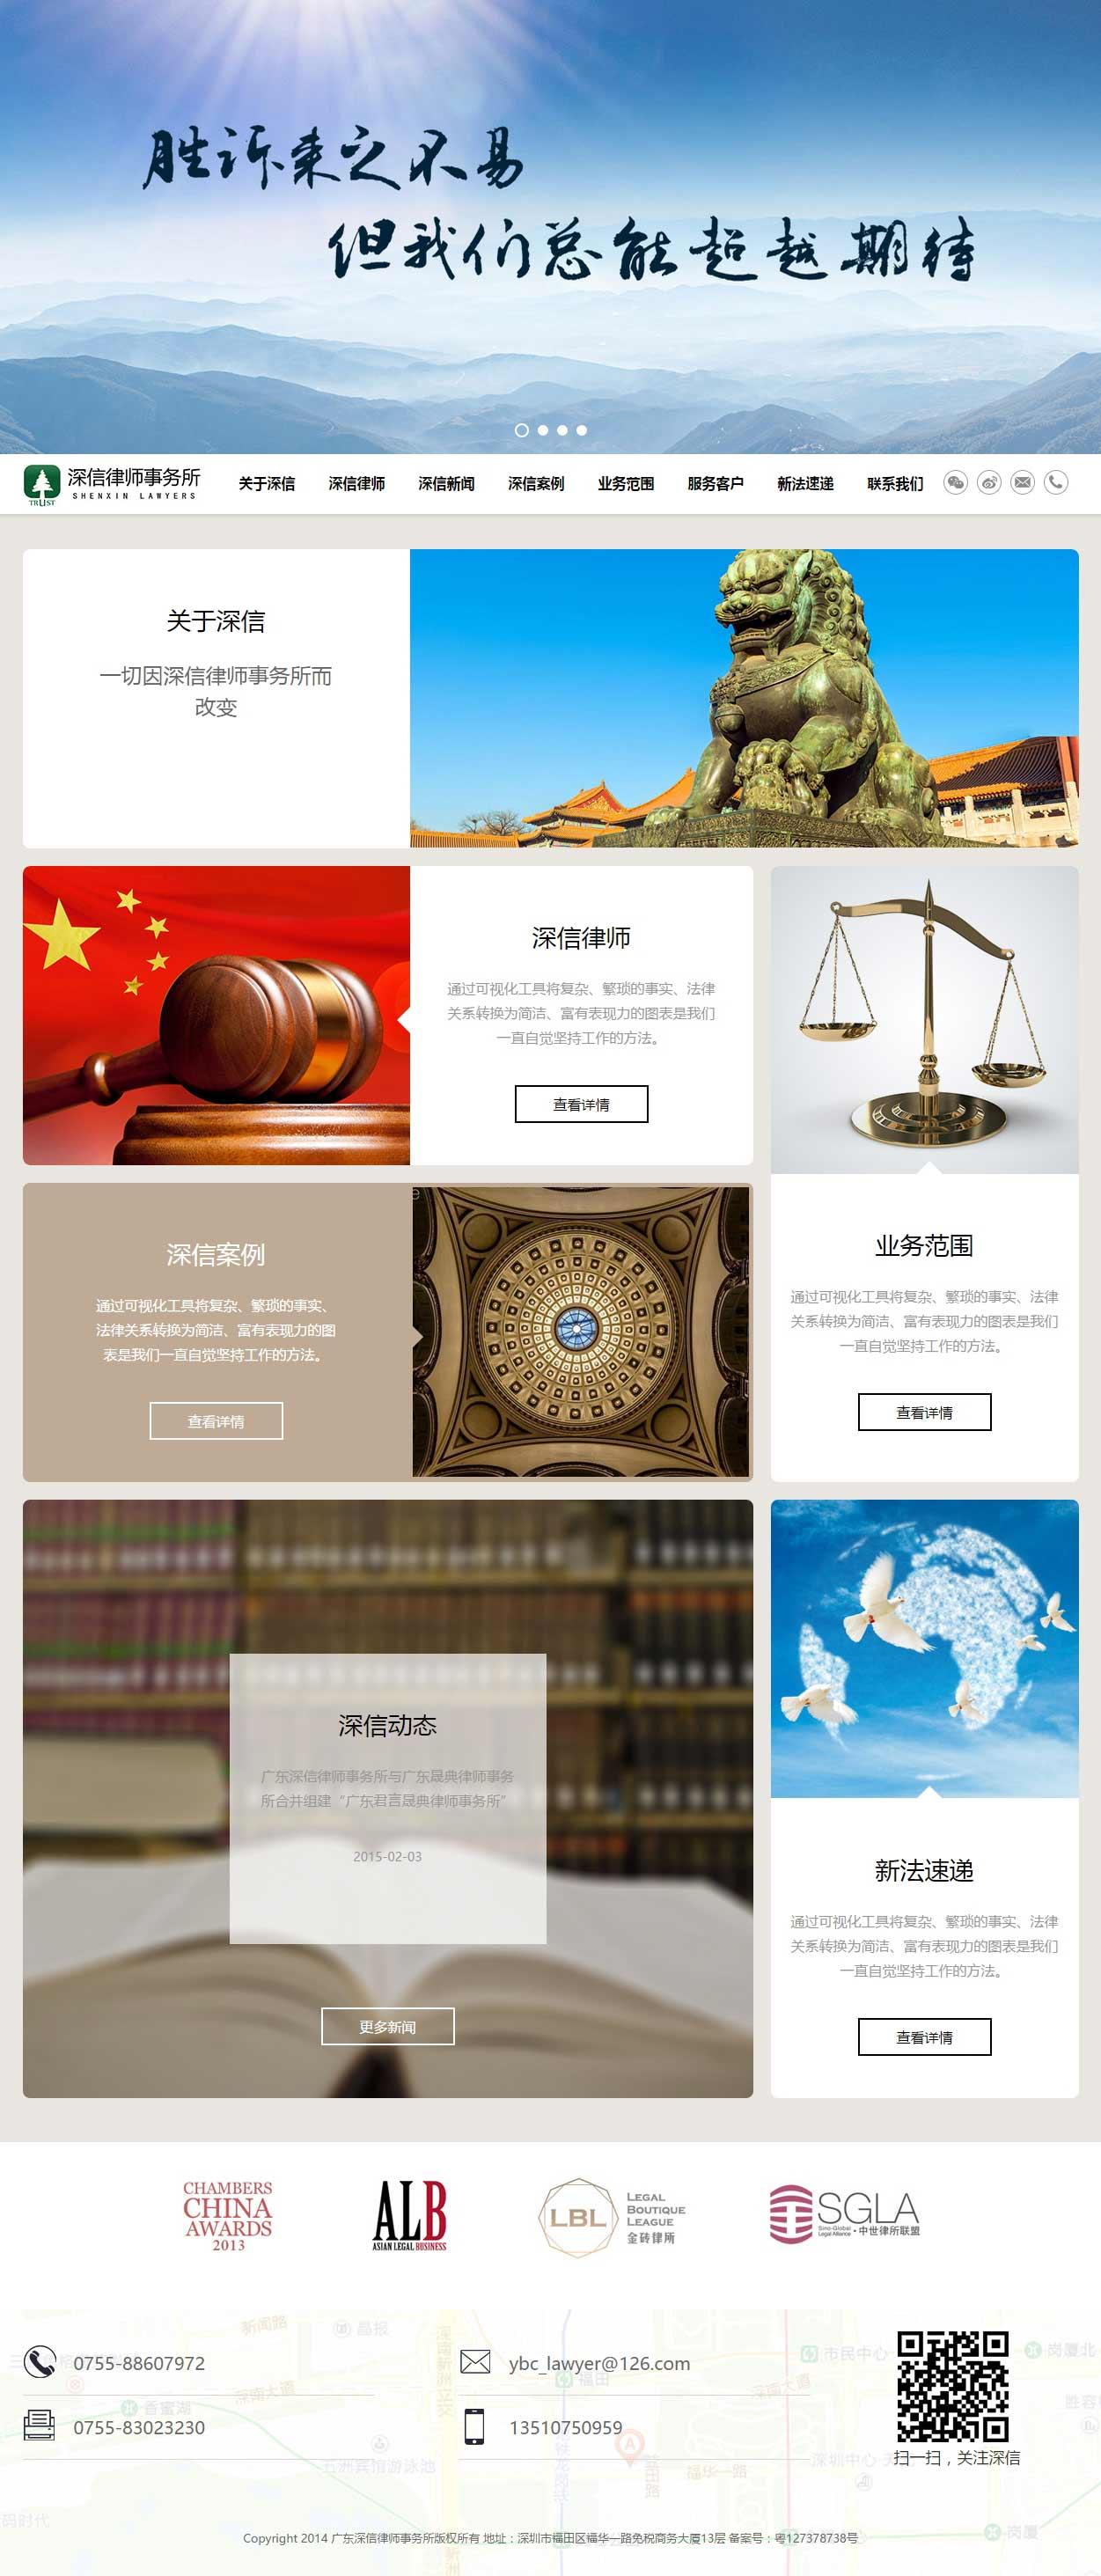 律师事务所网站模板全套下载,页面设计简洁大气,适合做律师事务所官网